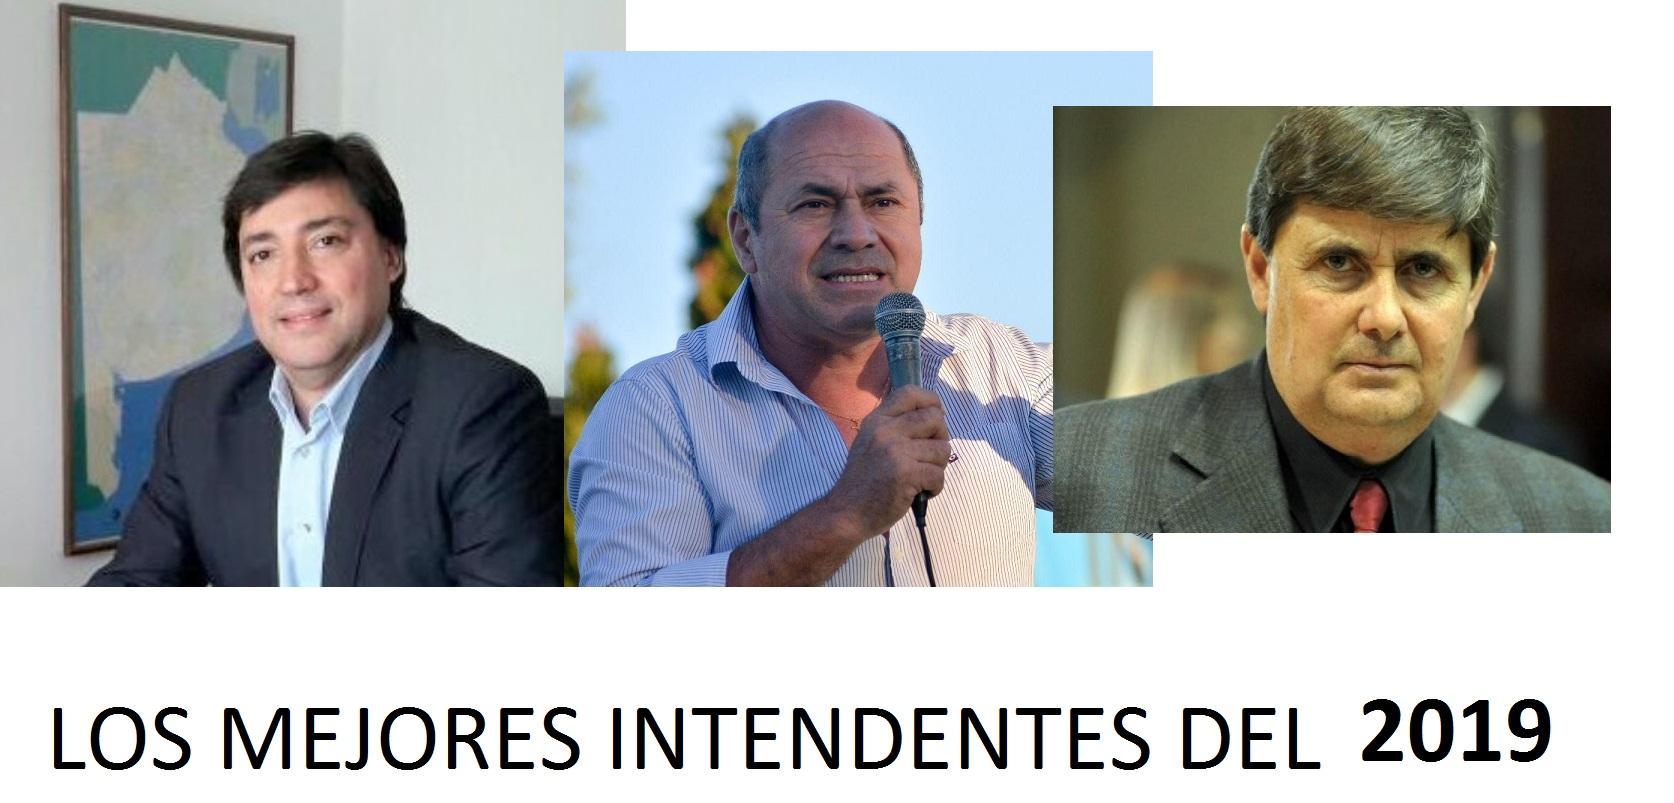 Acerbo, Secco y Gargaglione con la mejor imagen positiva y de gestión 2018-2019